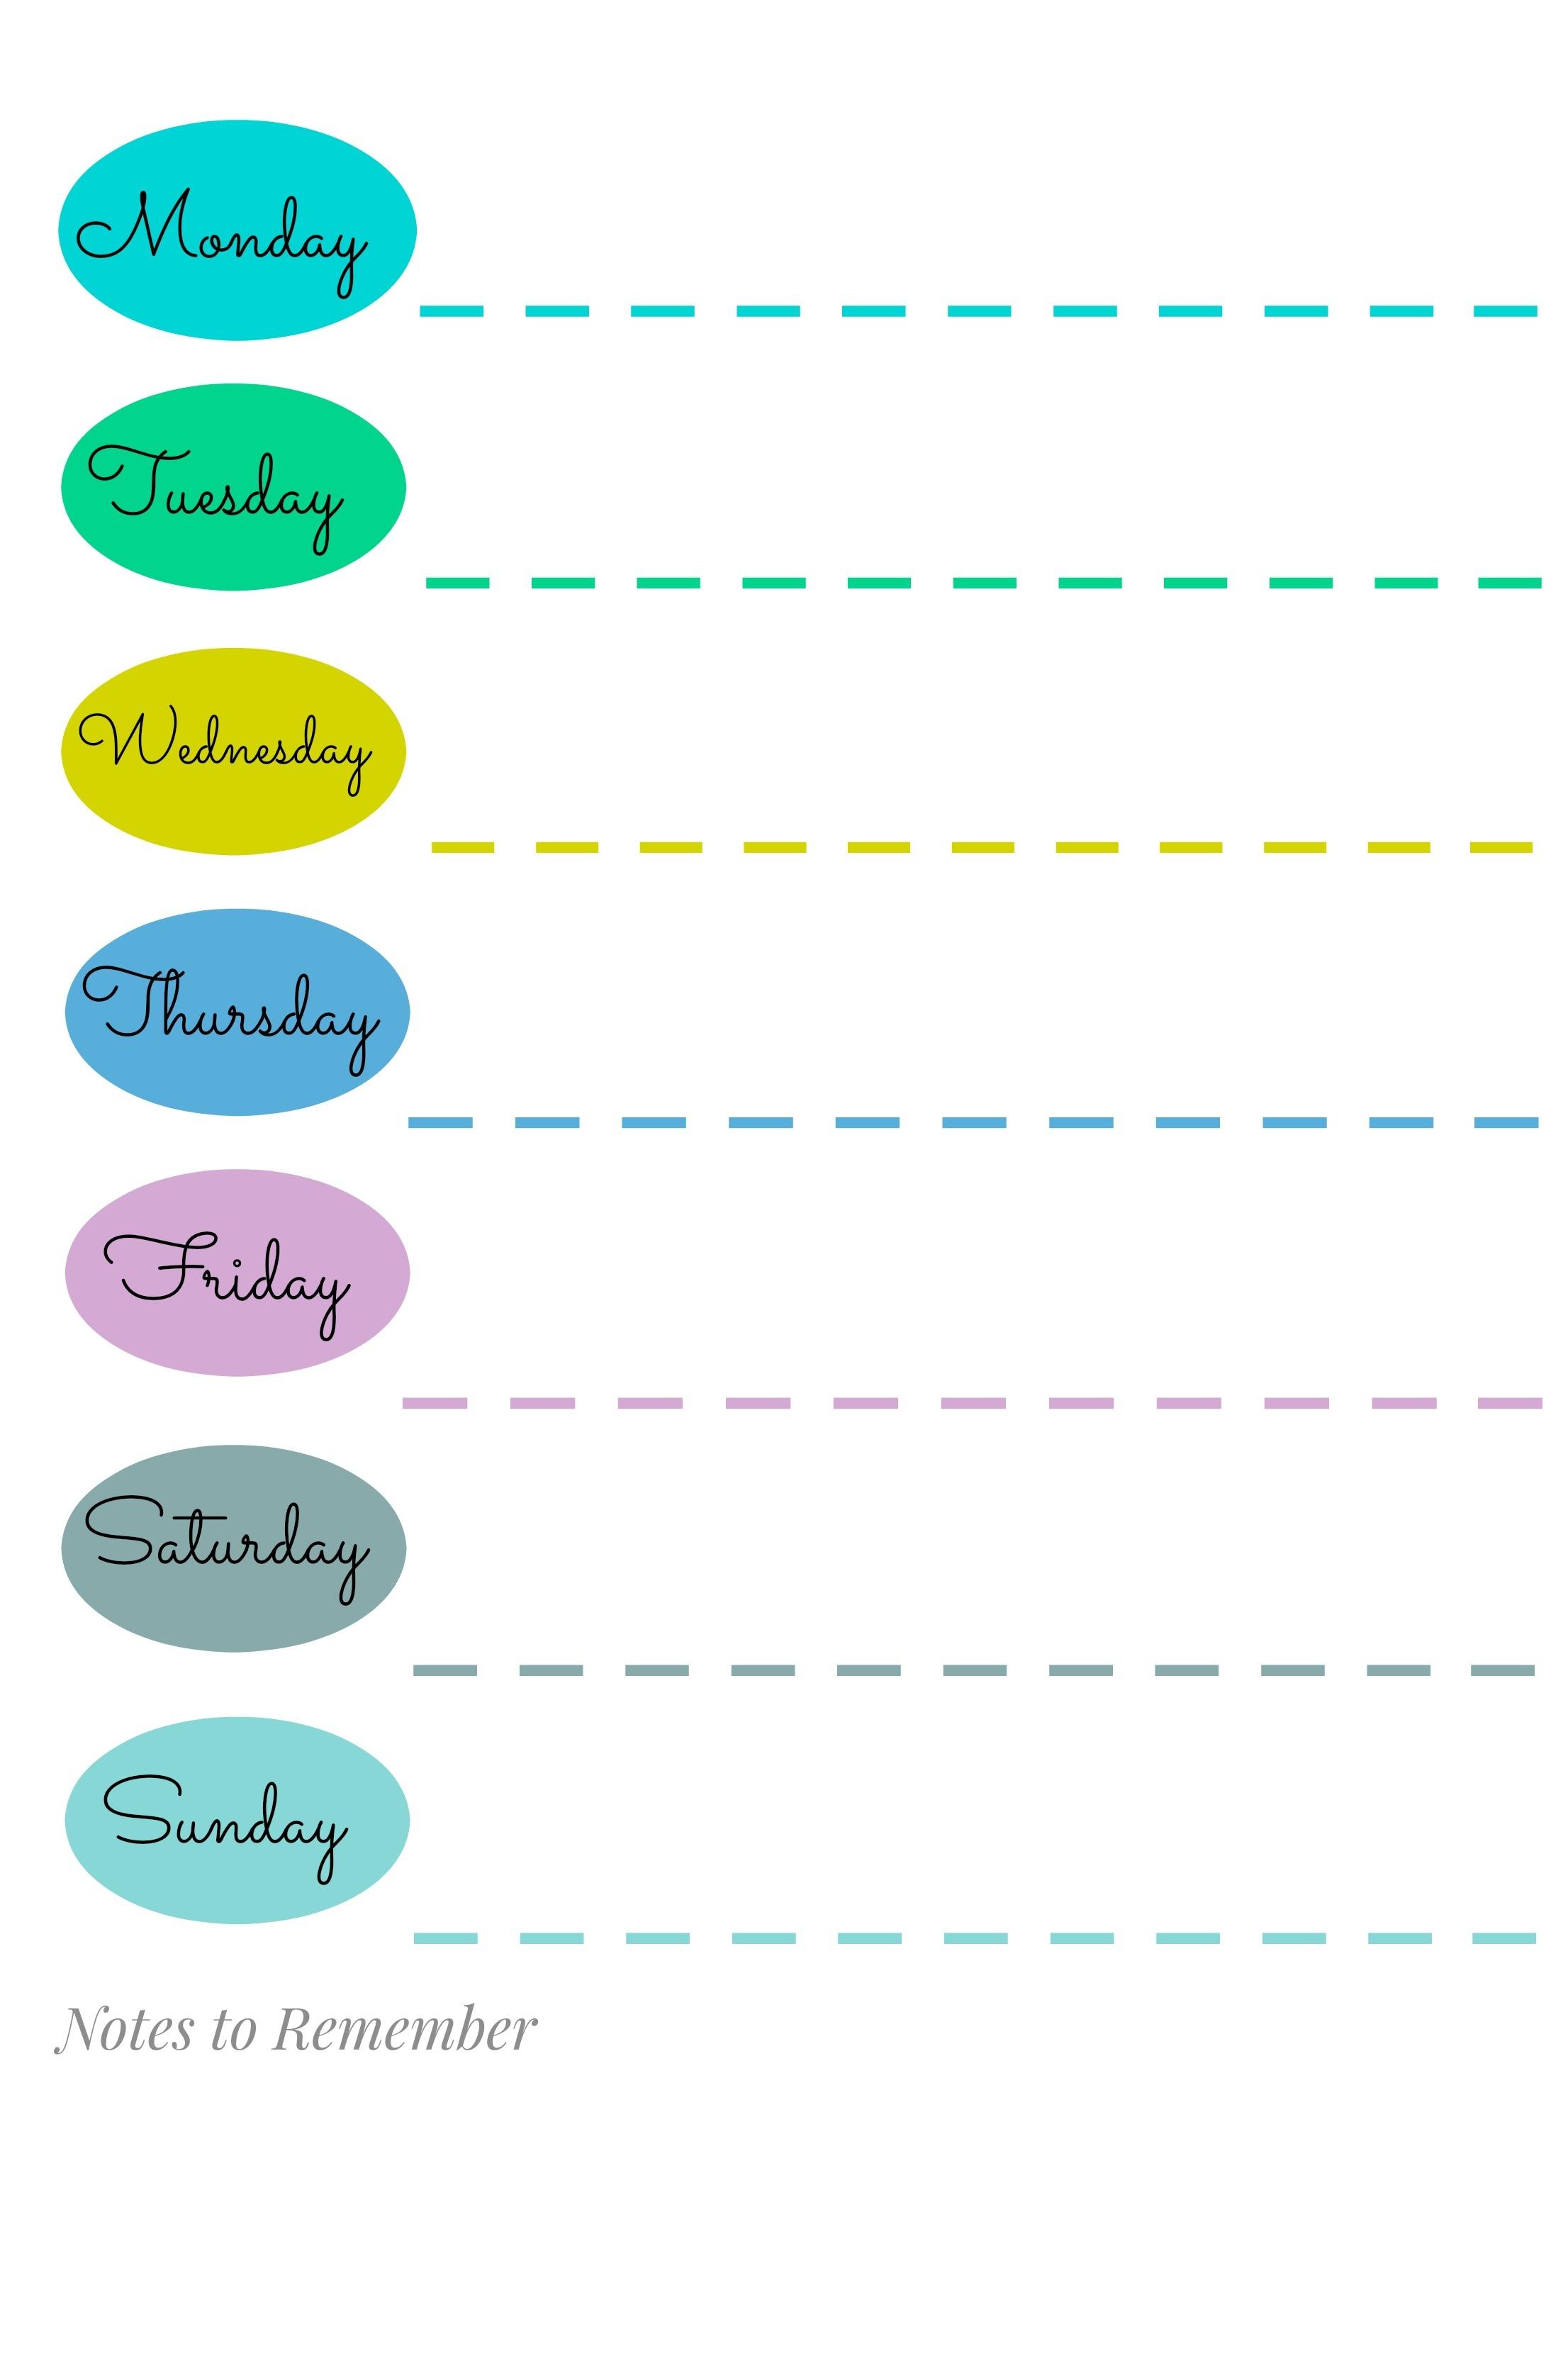 27 images of cute printable weekly calendar template designsolid Cute Printable Blank Calendar Weekly Schedule erdferdf